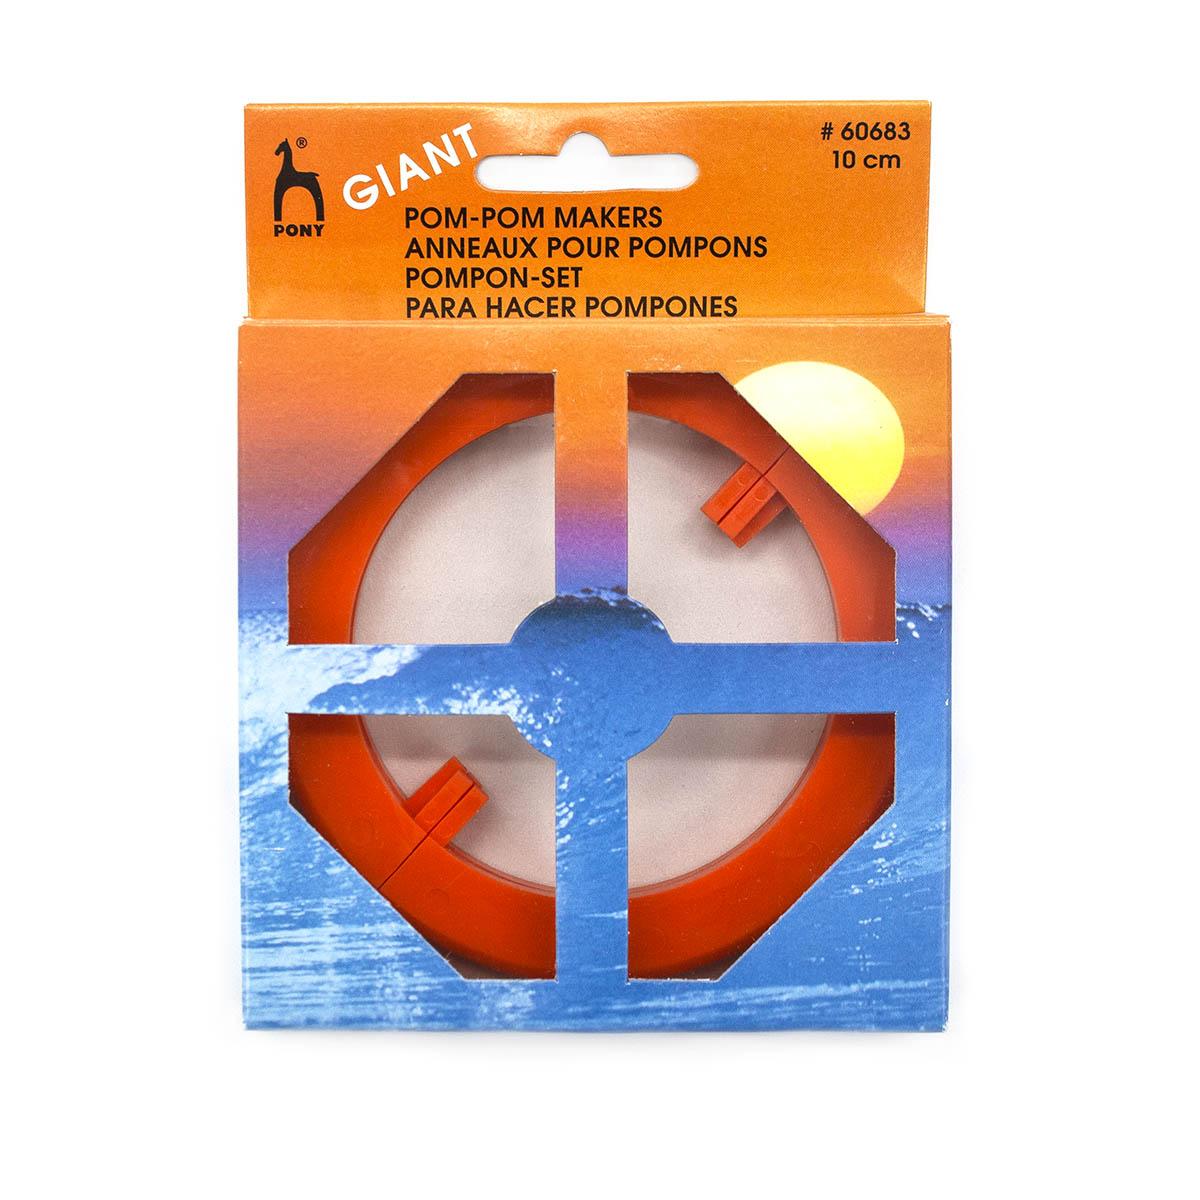 60683 PONY Устройство для изготовления помпонов, разъемное, 10 см, 2 шт.